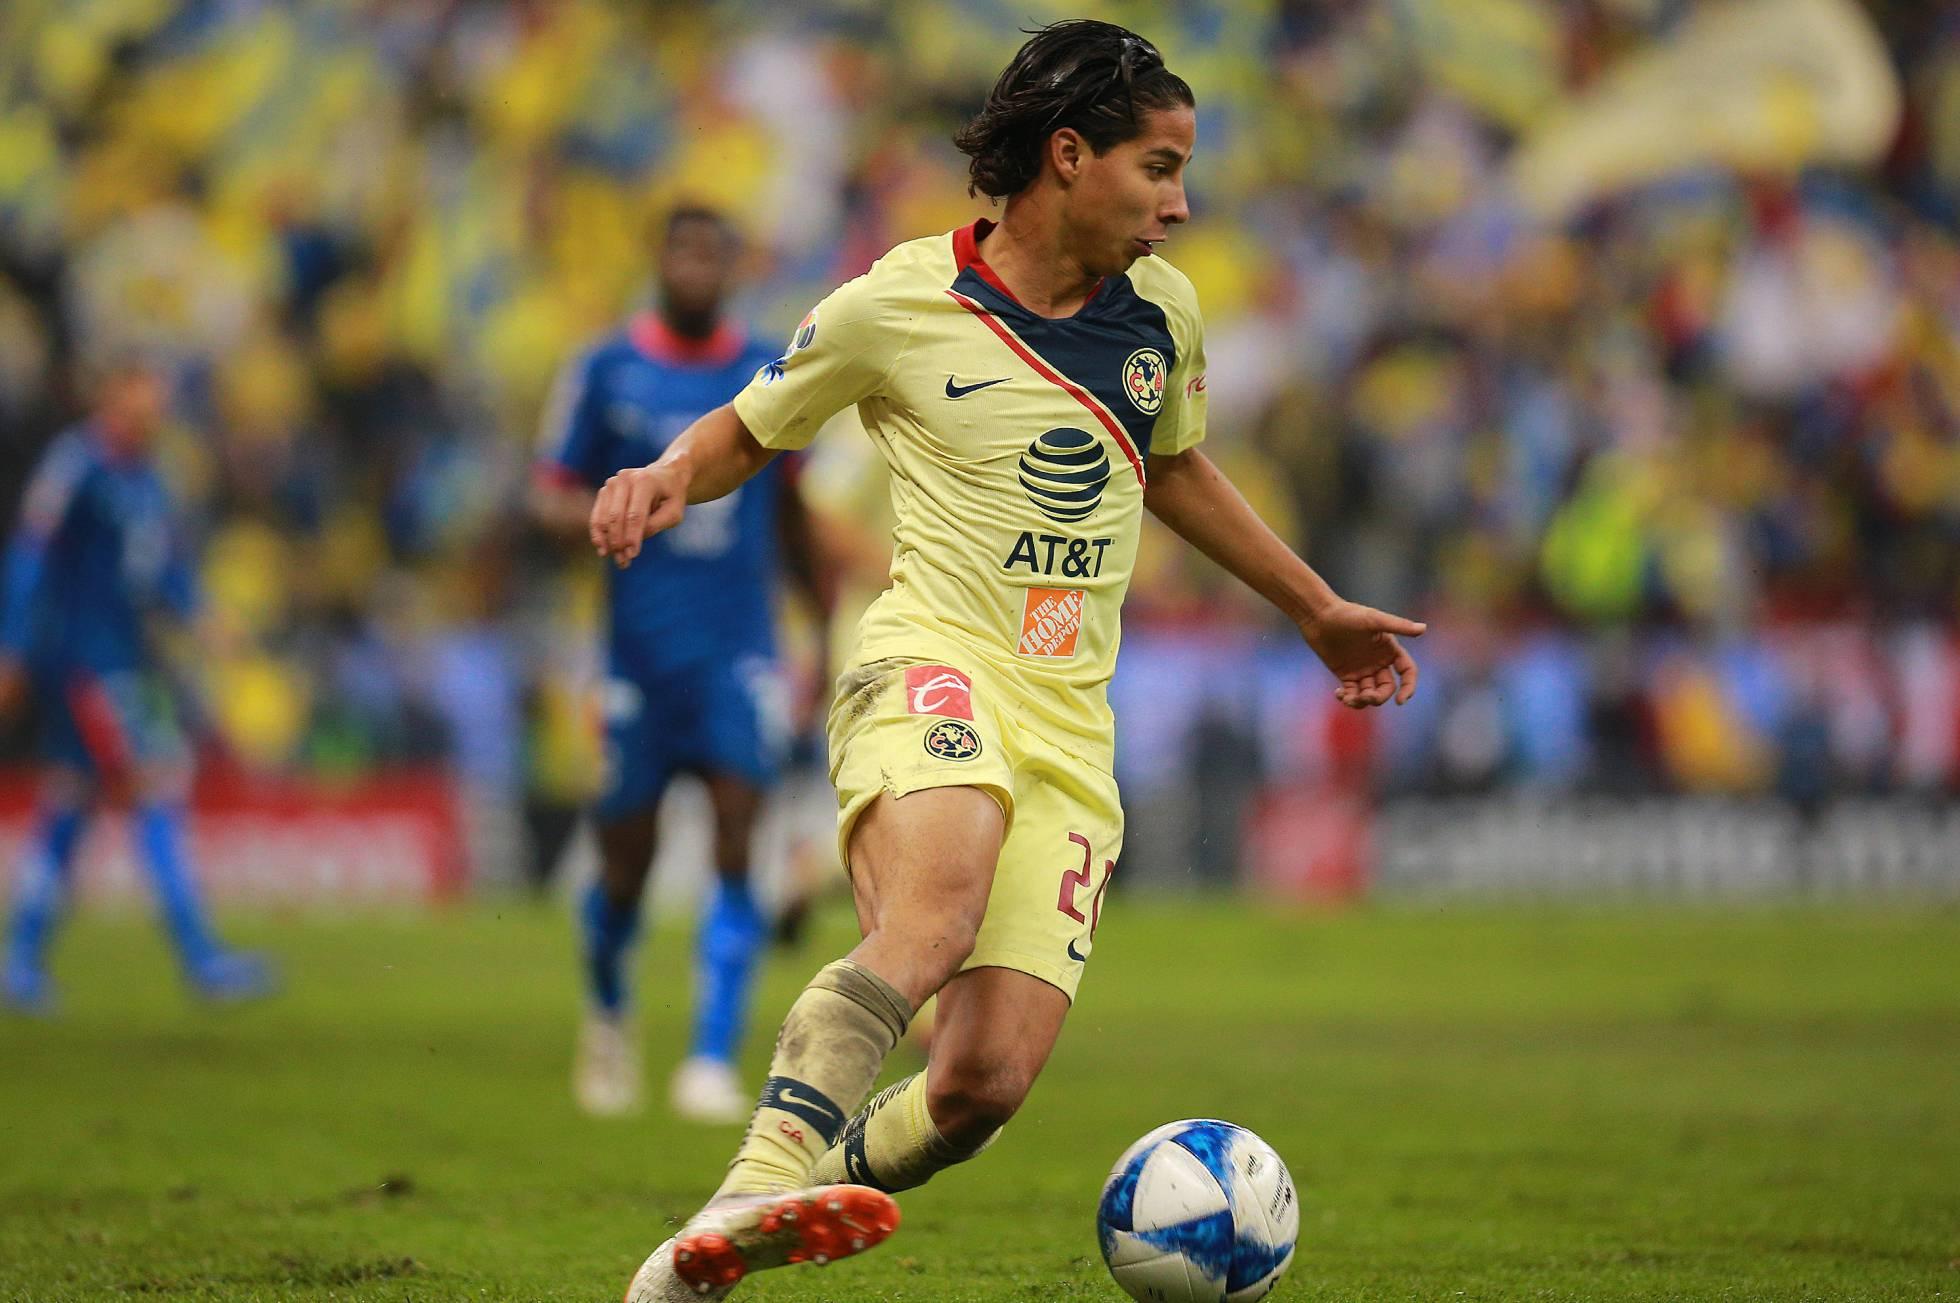 La selección de México mira al futuro y prescinde de Chicharito